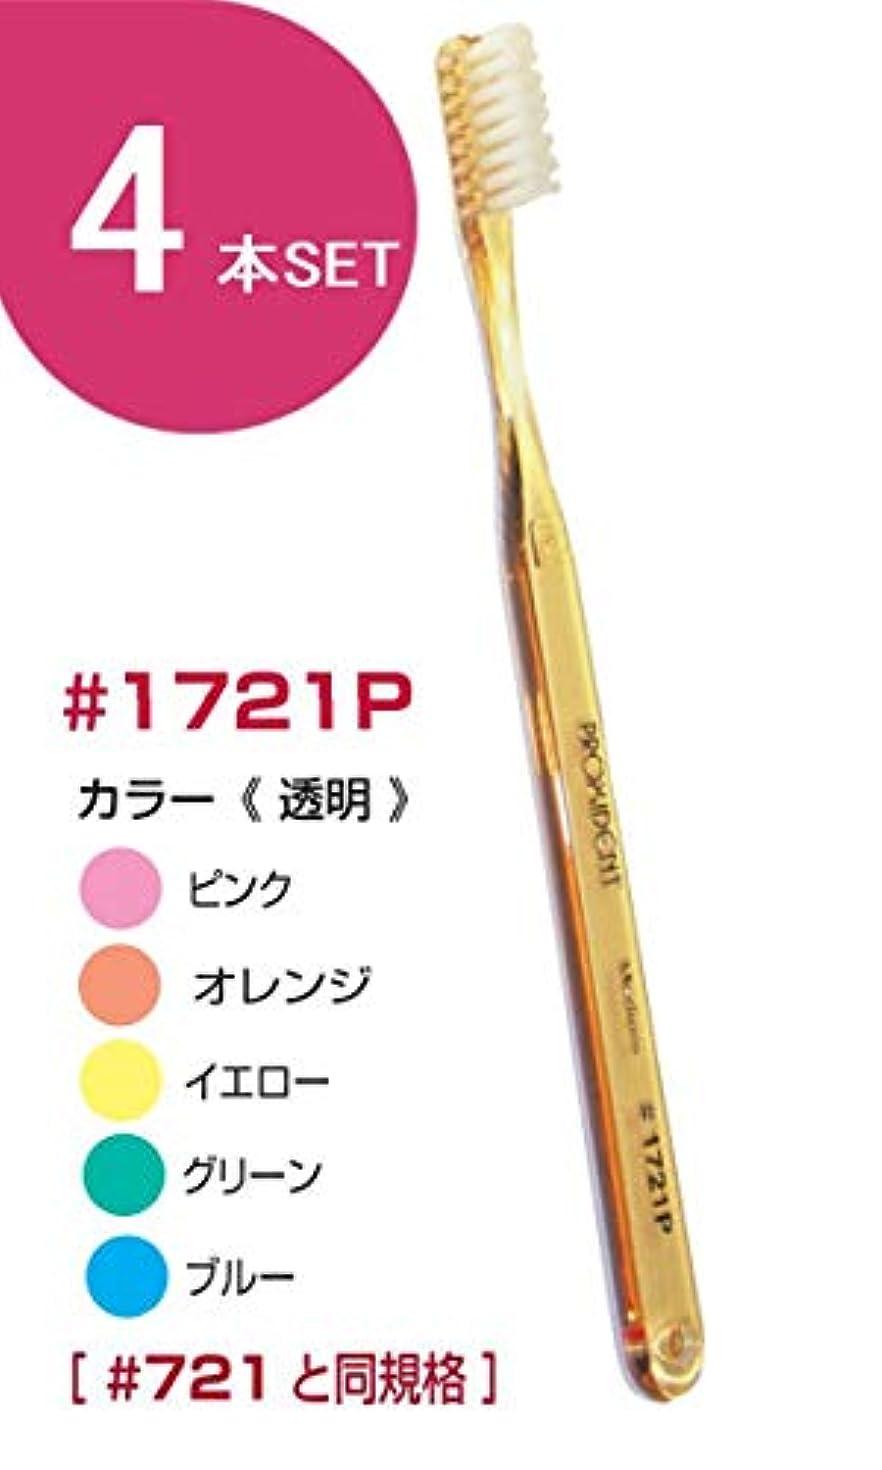 釈義構造ひそかにプローデント プロキシデント スリムヘッド M(ミディアム) #1721P(#721と同規格) 歯ブラシ 4本